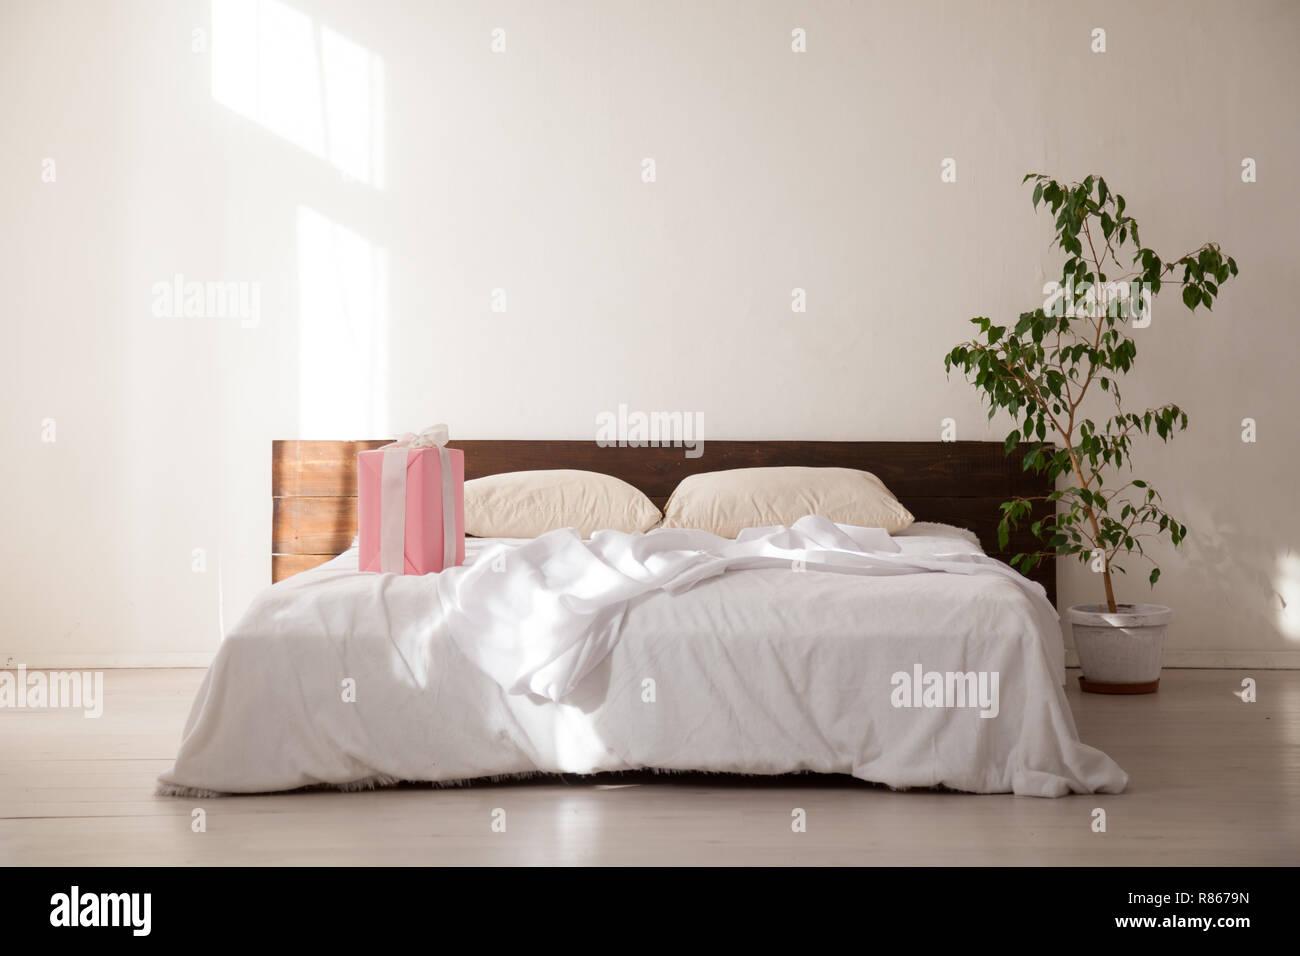 Weihnachten Schlafzimmer mit Bett baum Geschenke neues Jahr ...